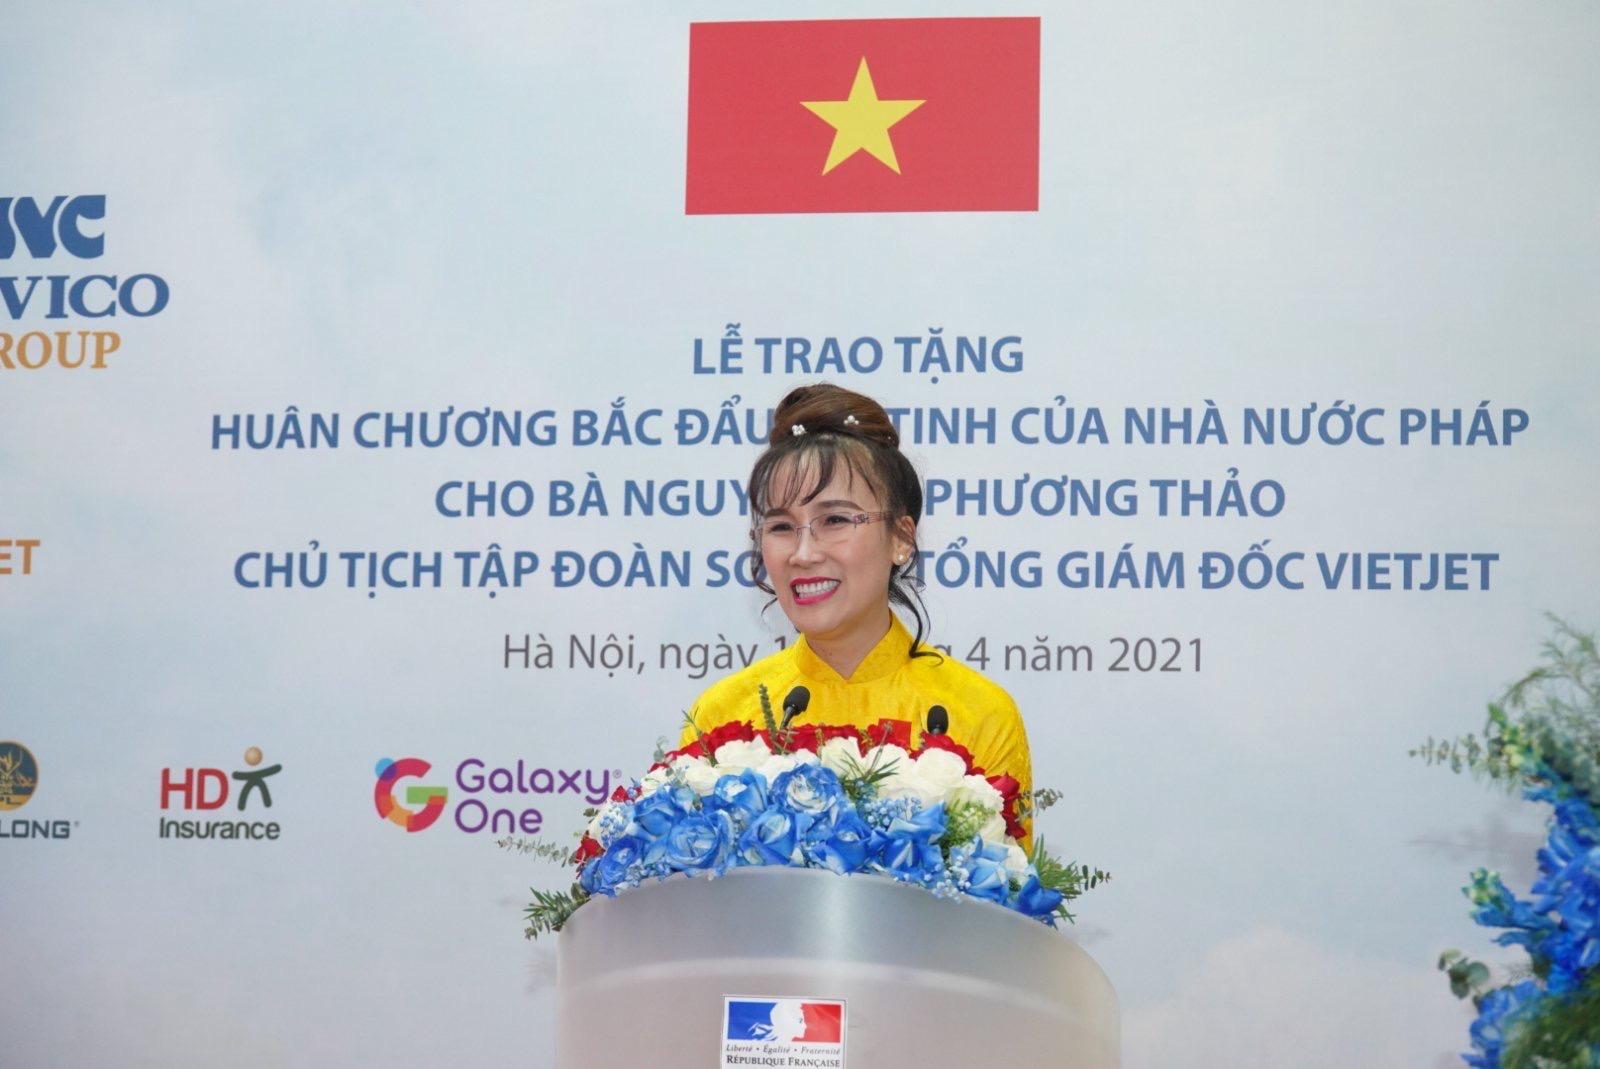 Bà Nguyễn Thị Phương Thảo phát biểu cảm ơn trân trọng khi đón nhận Huân chương Bắc đẩu Bội tinh.